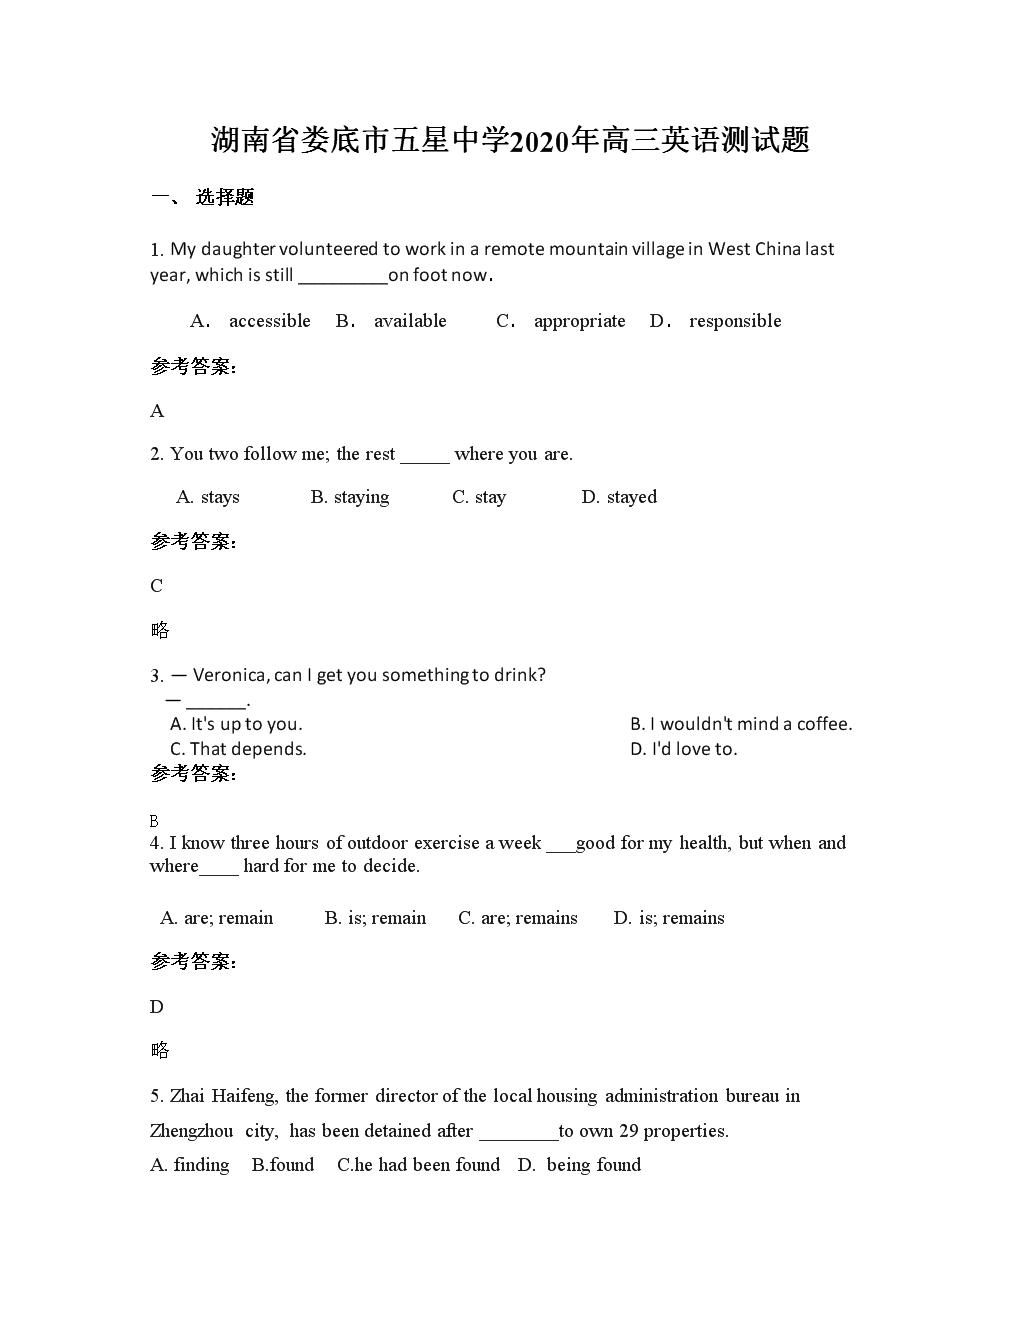 湖南省娄底市五星中学2020年高三英语测试题.docx